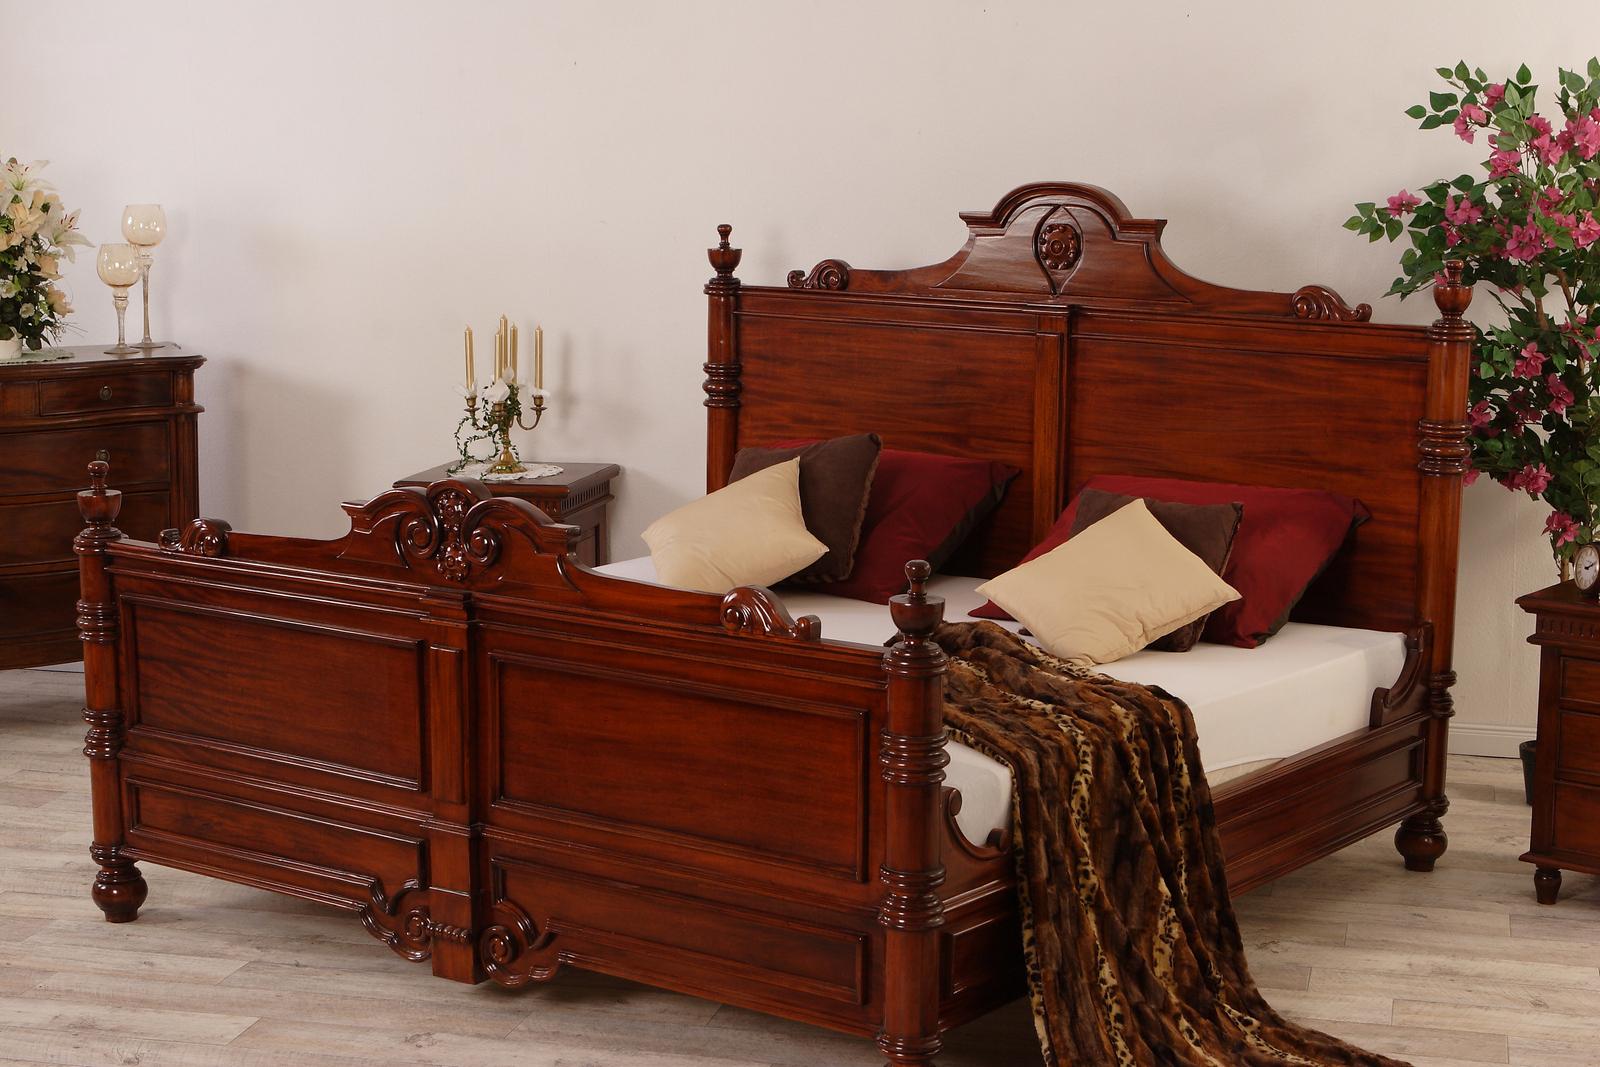 Kolonialstil Bett